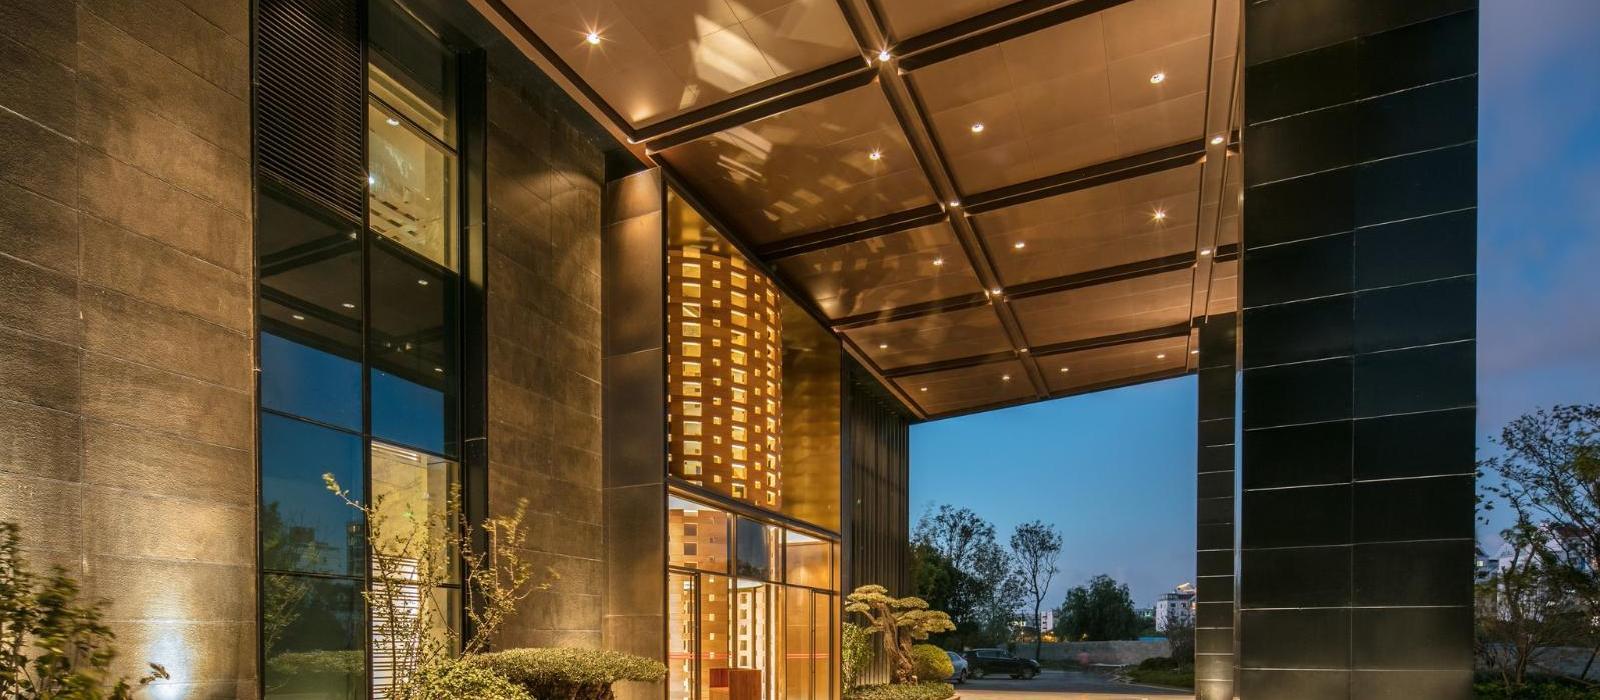 上海阿納迪酒店(The Anandi Hotel and Spa) 圖片  www.yisecj.live